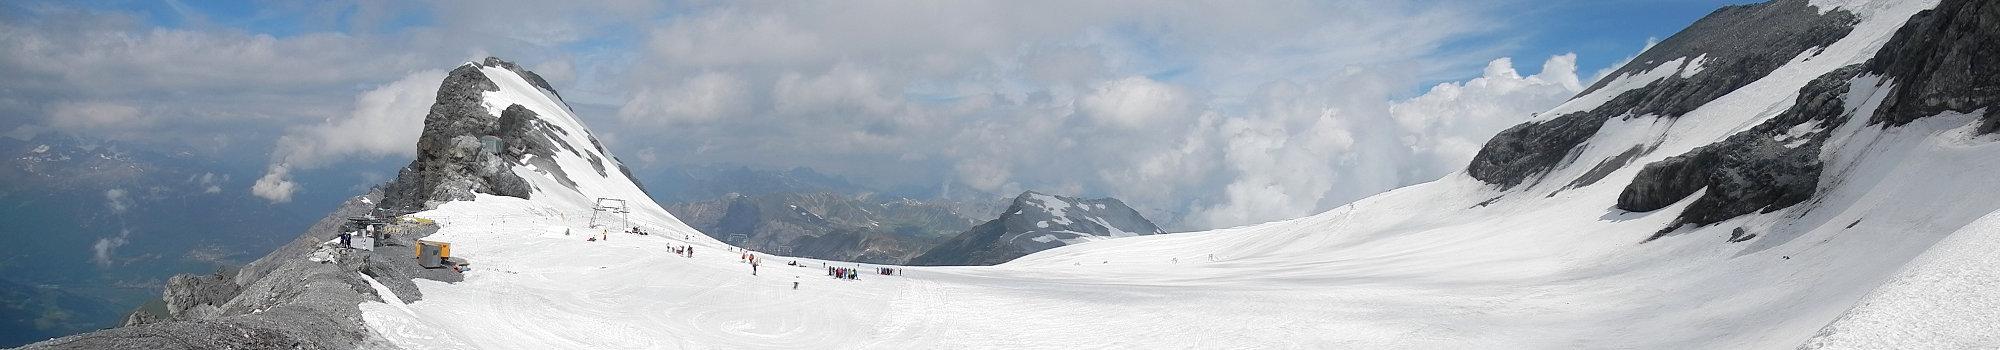 Passo Stelvio, Luglio 2014 - ©Pirovano Passo Stelvio